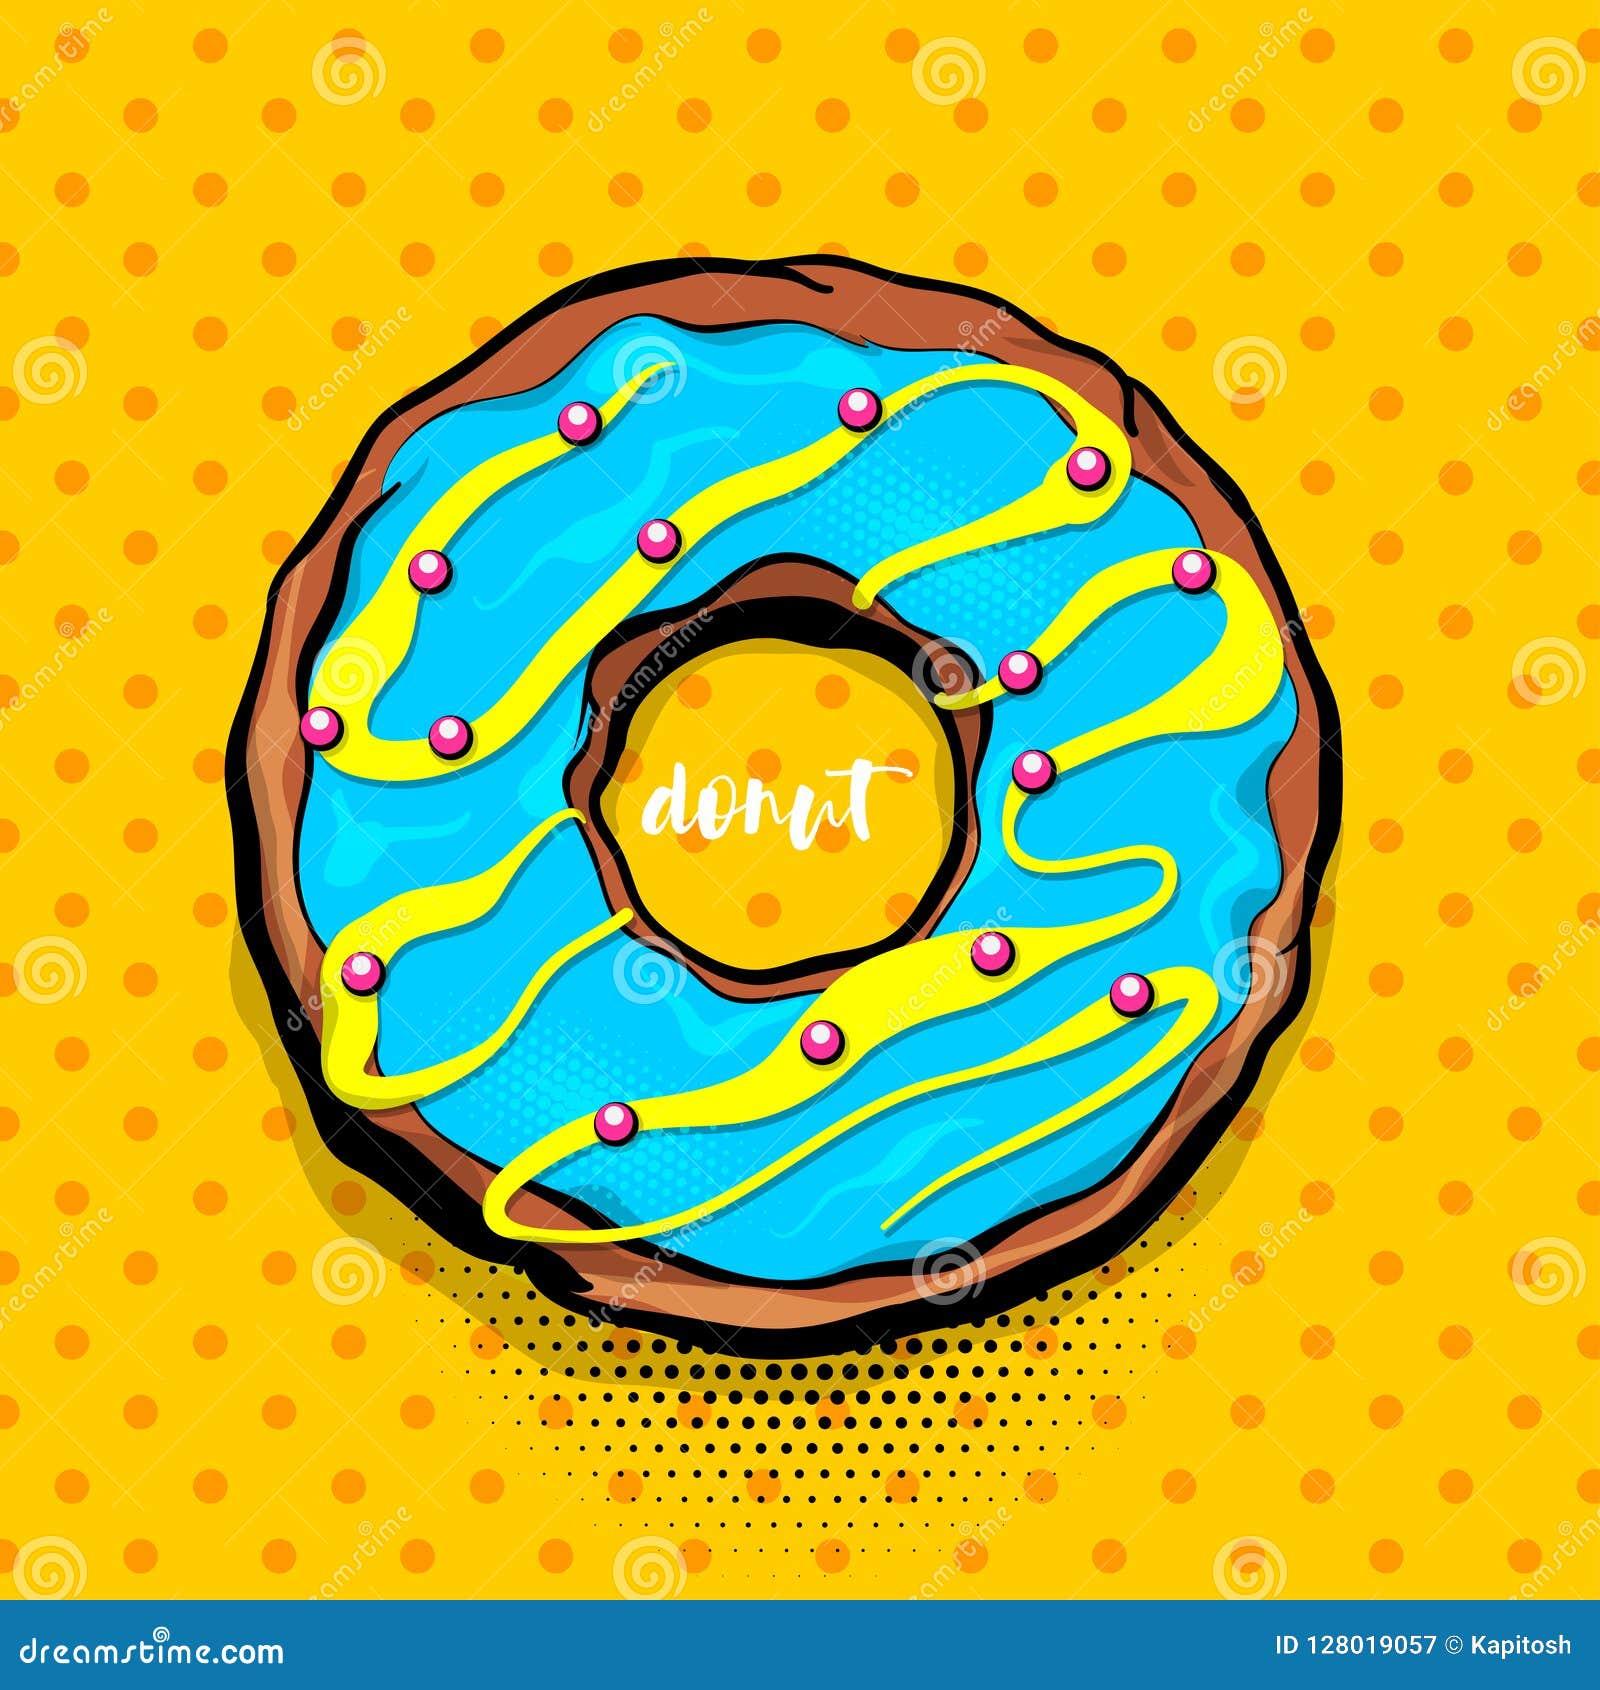 Doughnut Donut Cartoon Pop Art Stock Vector Illustration Of